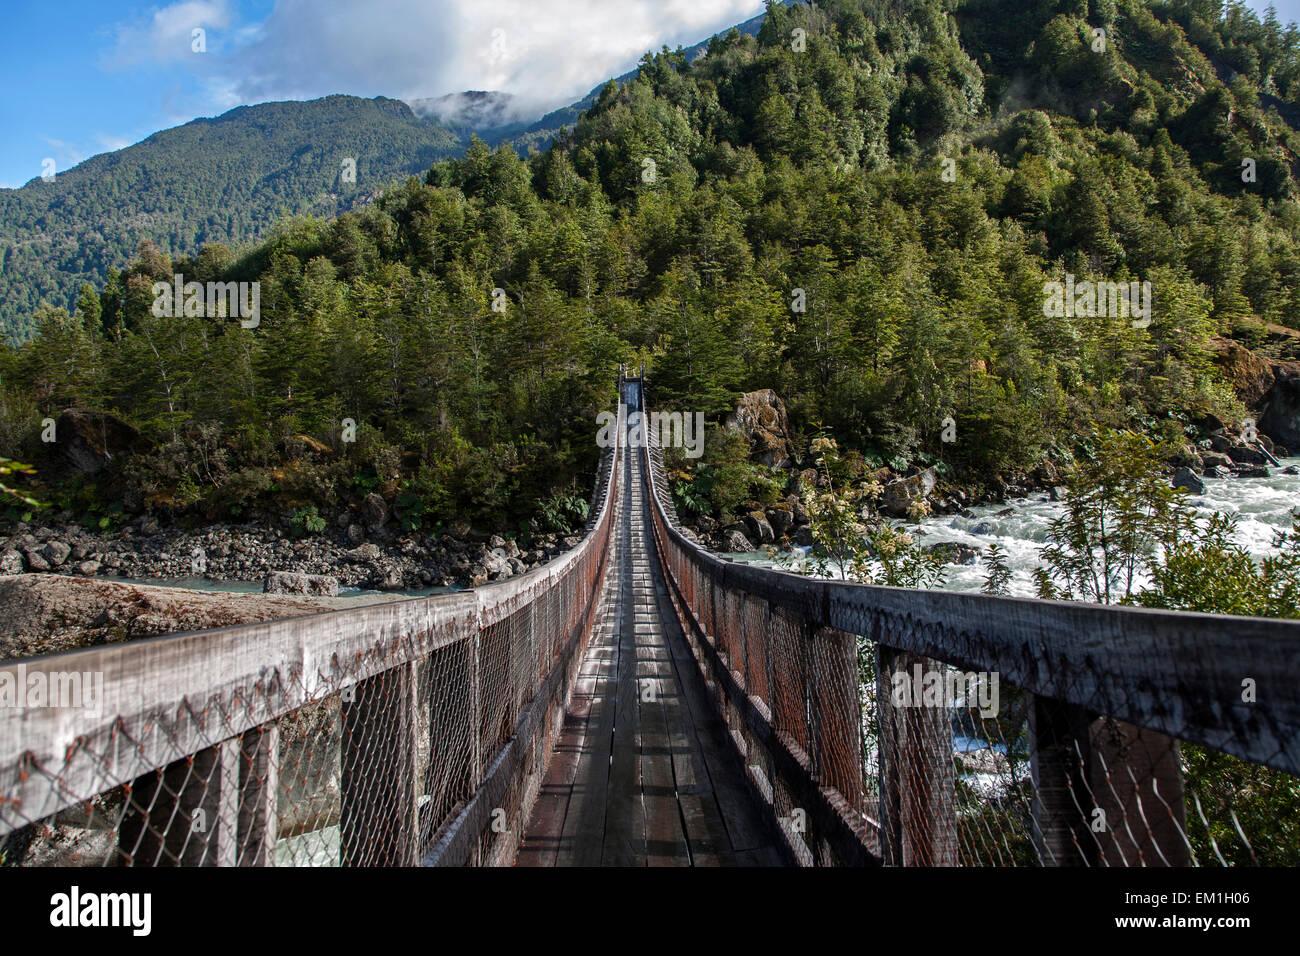 Suspension bridge. Queulat National Park. Aysén Province. Chile - Stock Image